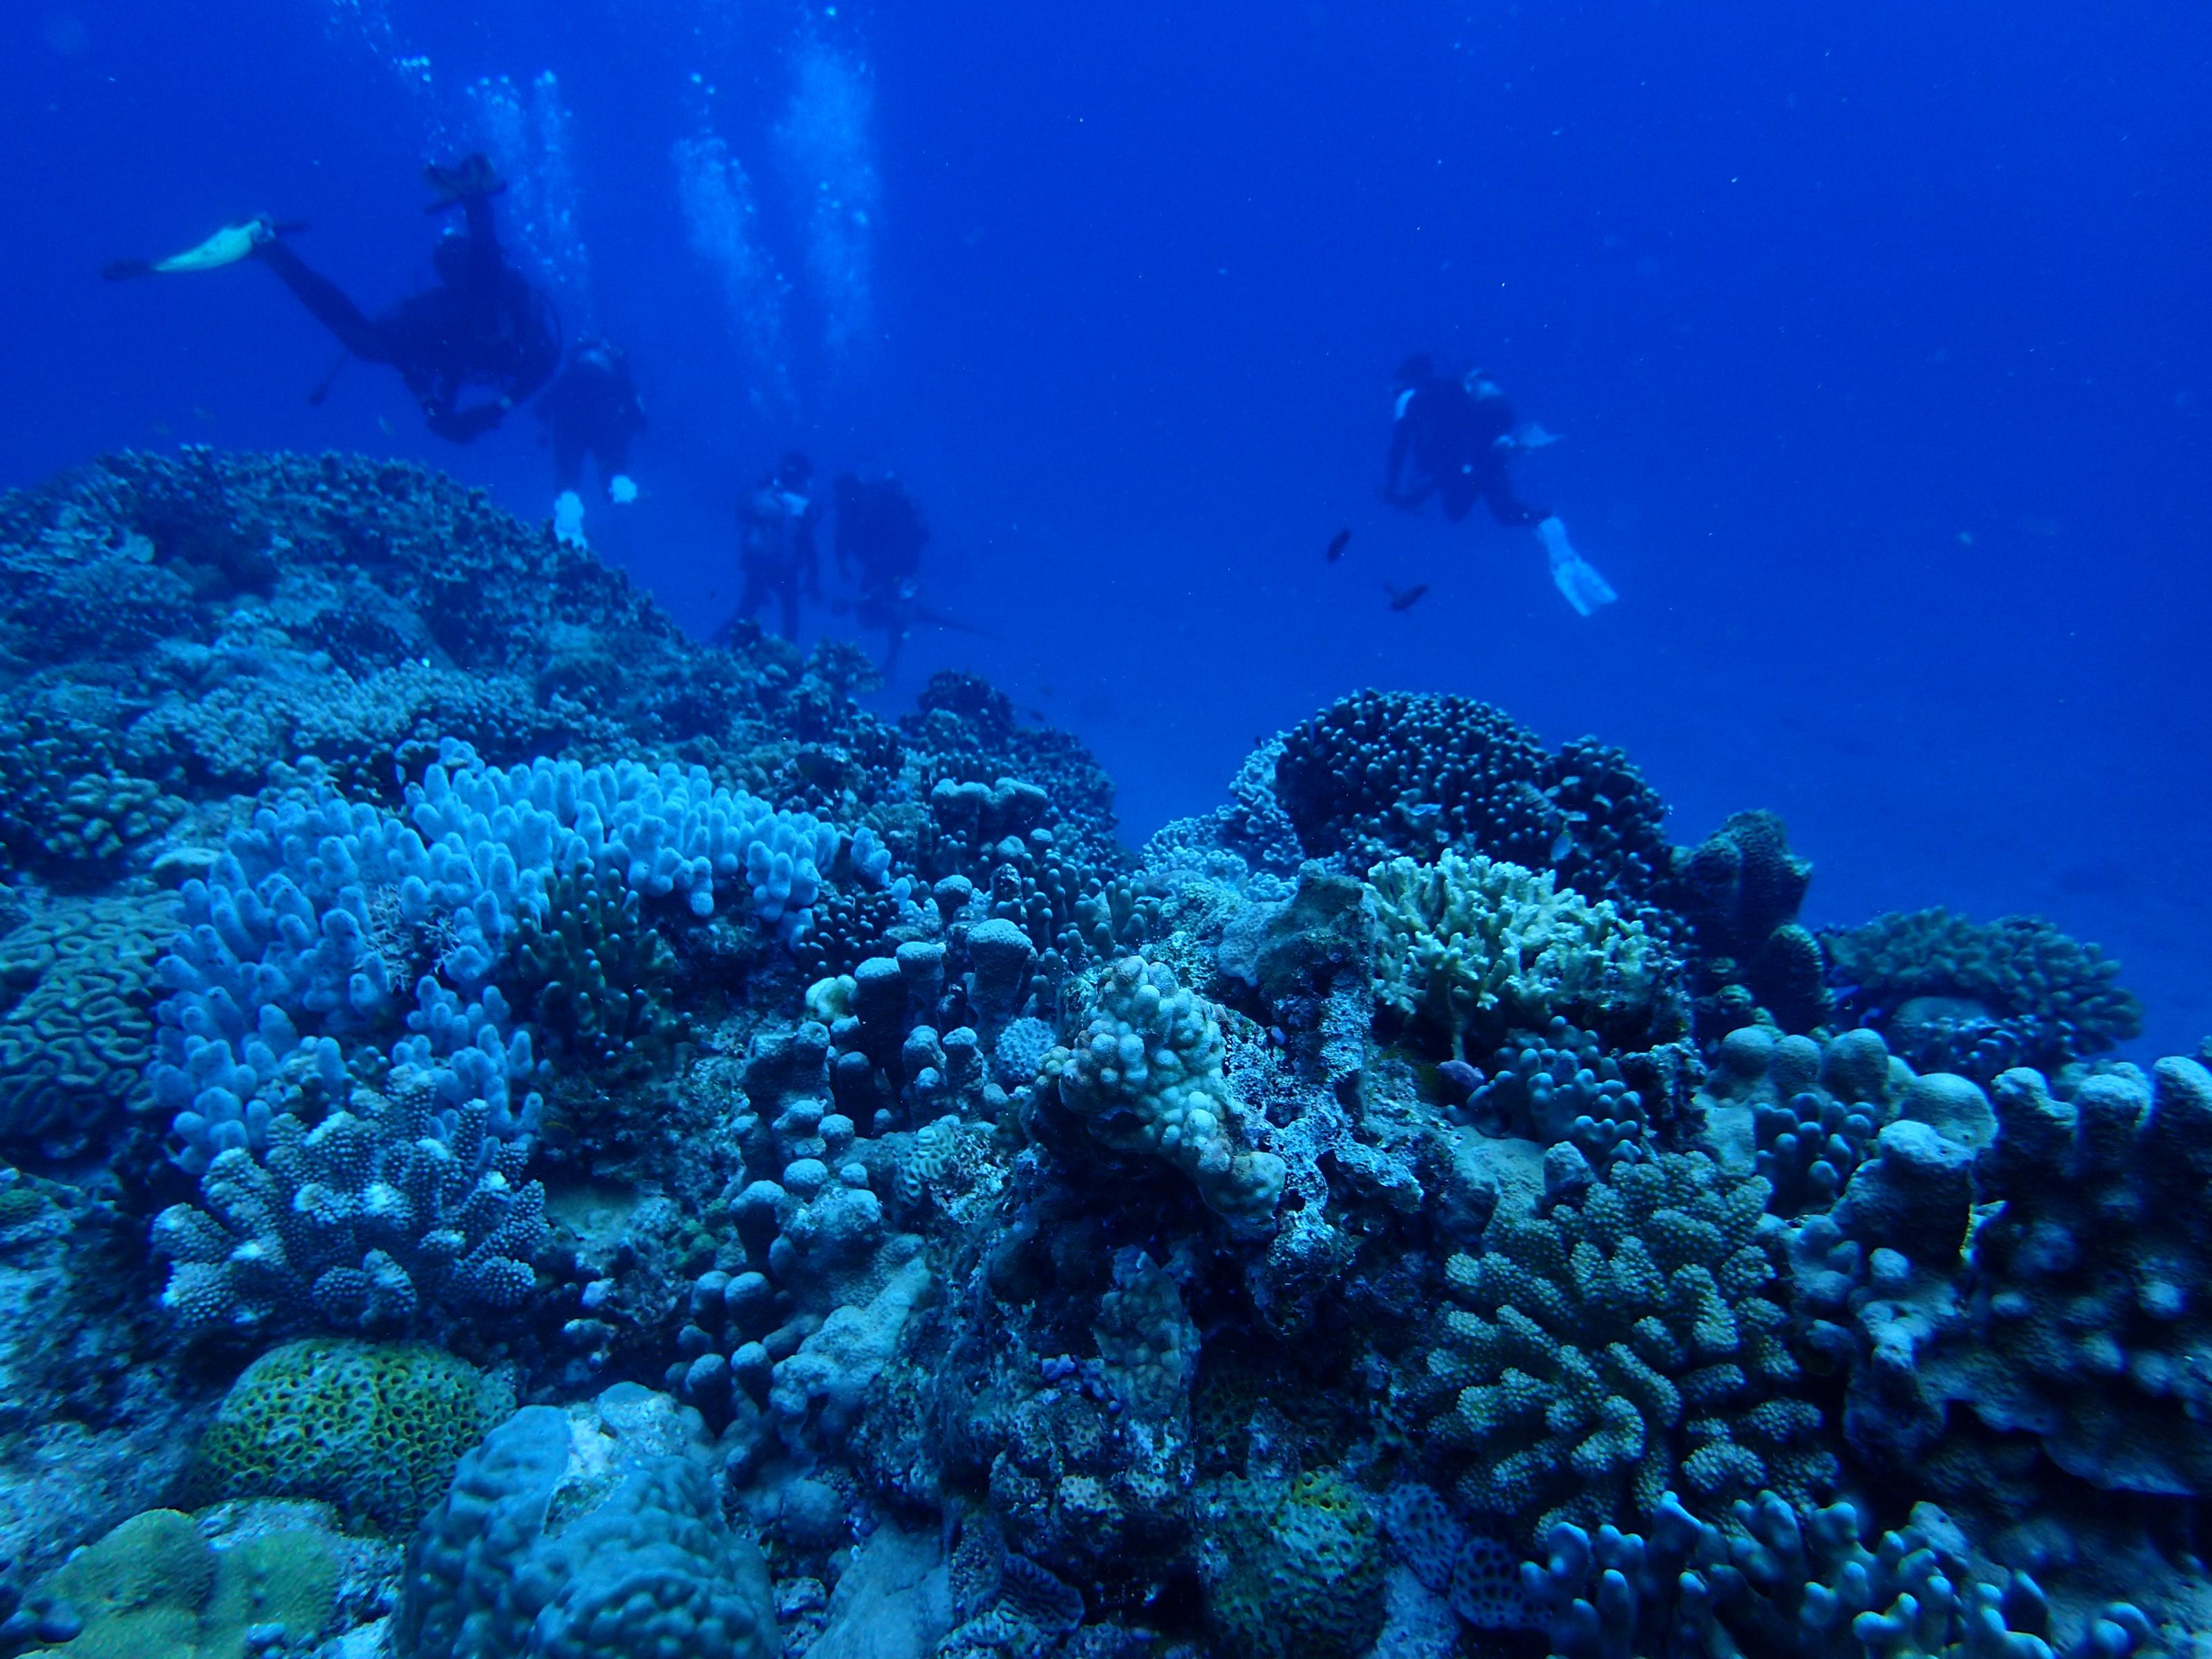 2016年7月15日 慶良間群島線路有執照潛水3